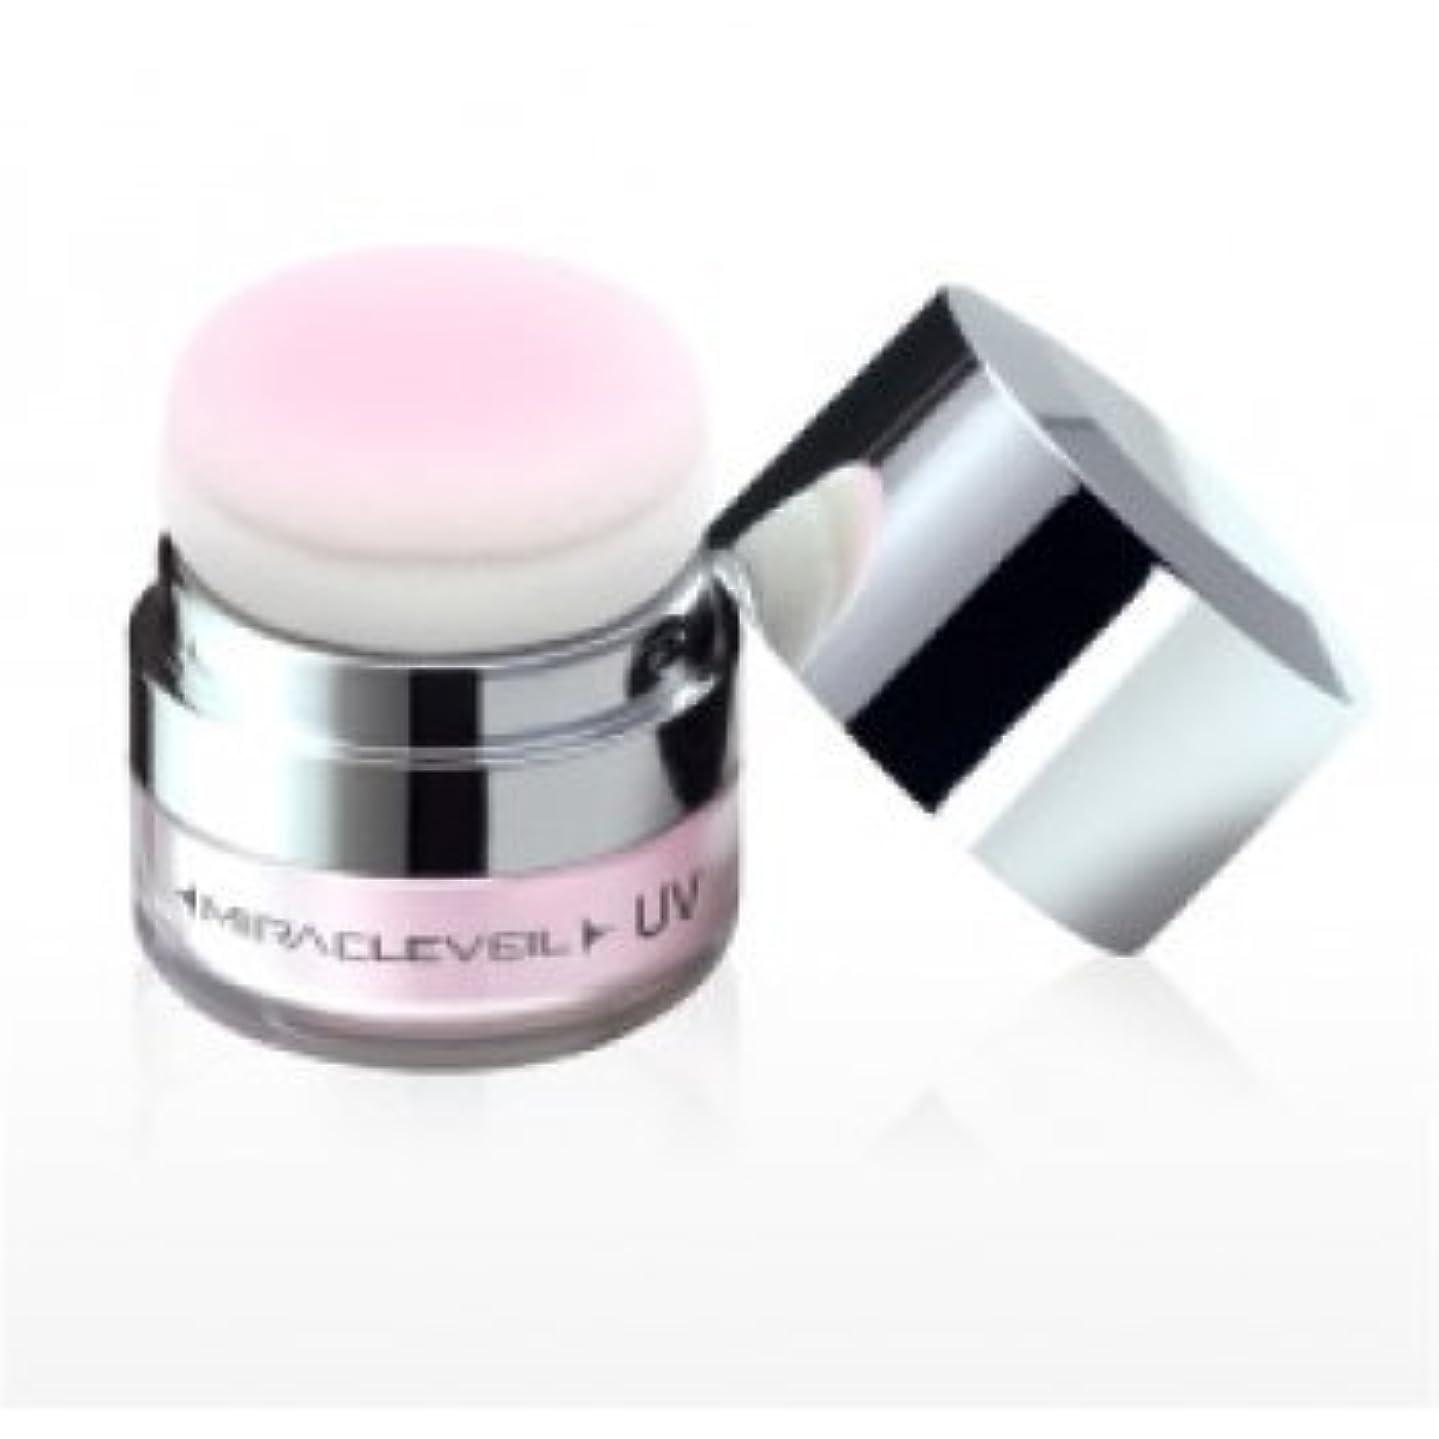 呼吸裏切る十分ミラクルヴェール UV(天然ダイヤモンド配合 日焼け止めパウダータイプ)SPF18 PA++